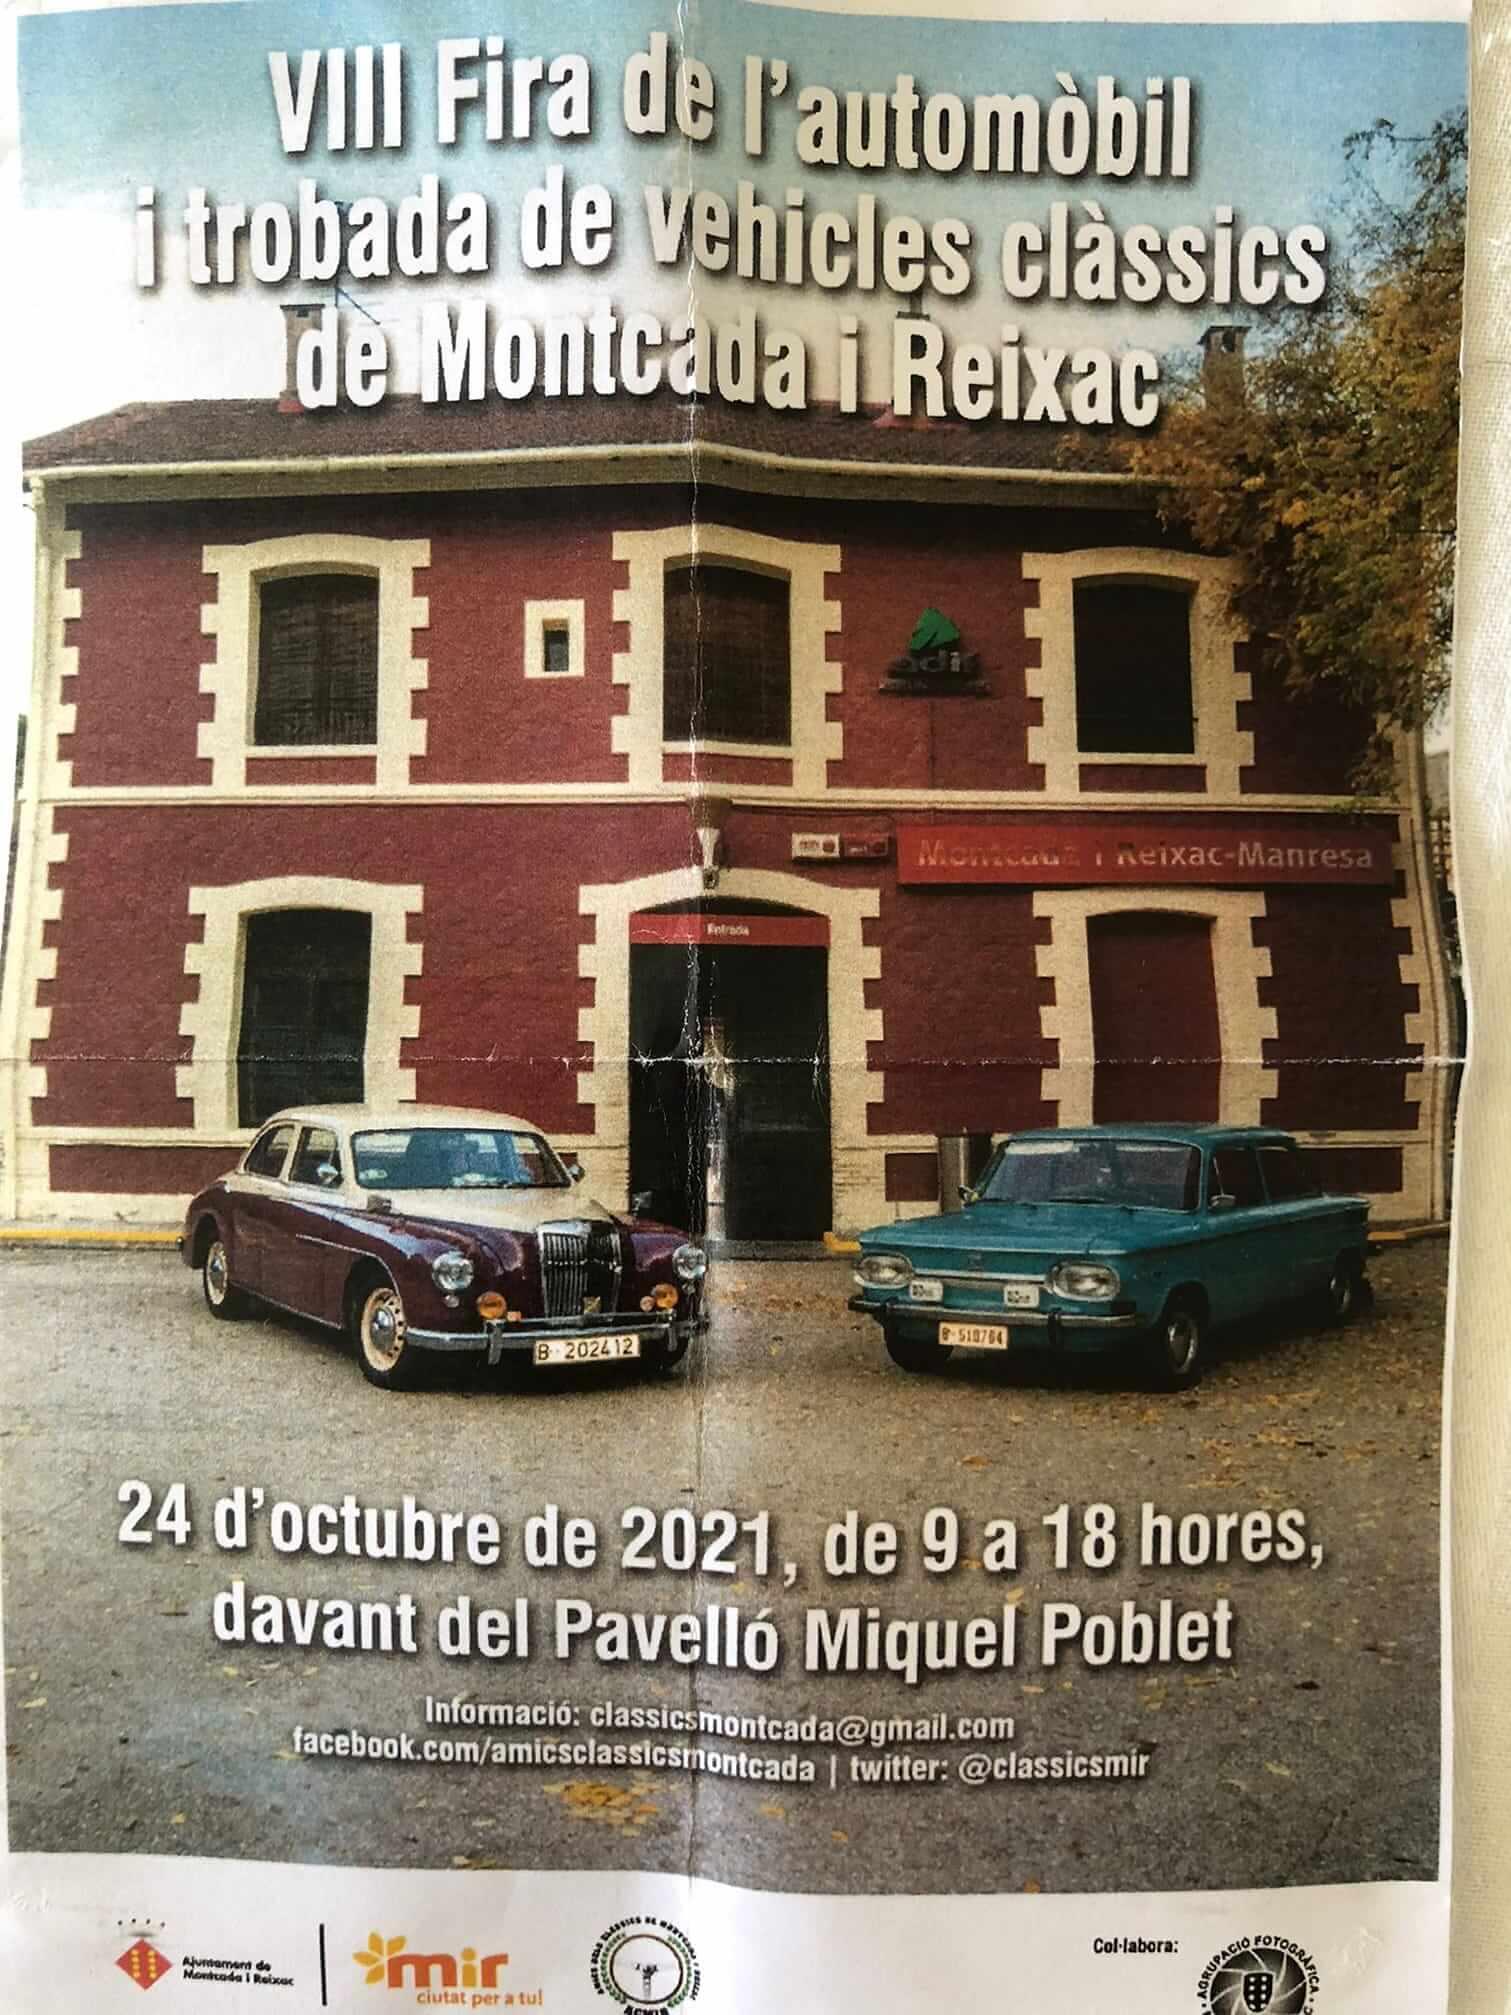 Fira de l'automòbil i trobada clàssics de Montcada i Reixac, Barcelona